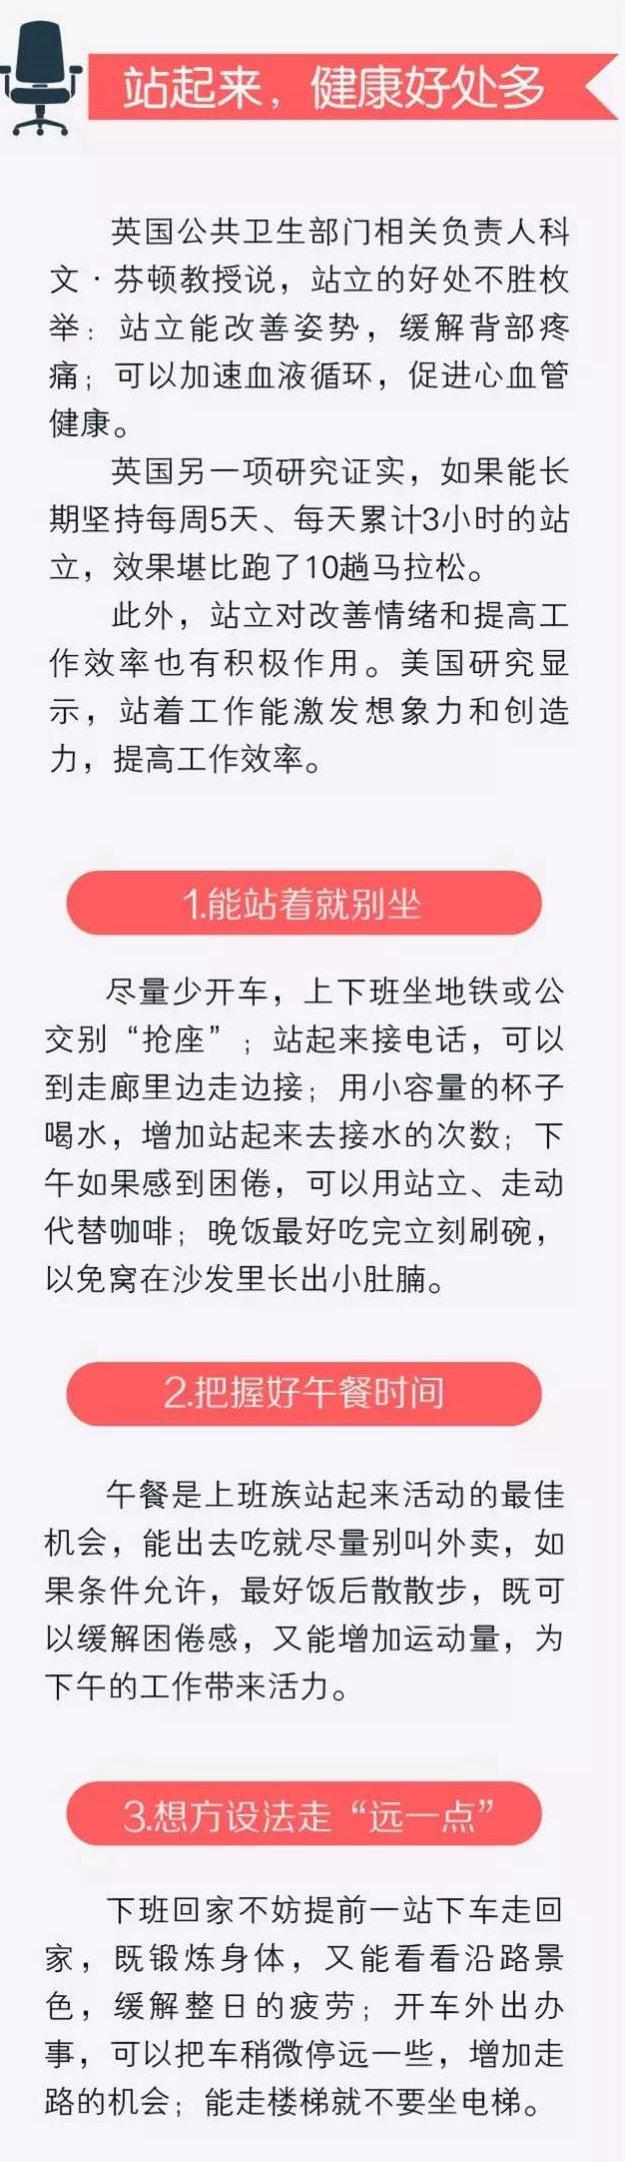 """【转载】久坐是最温柔的""""慢性自杀"""" - 张绍鸾 - 张绍鸾的博客"""